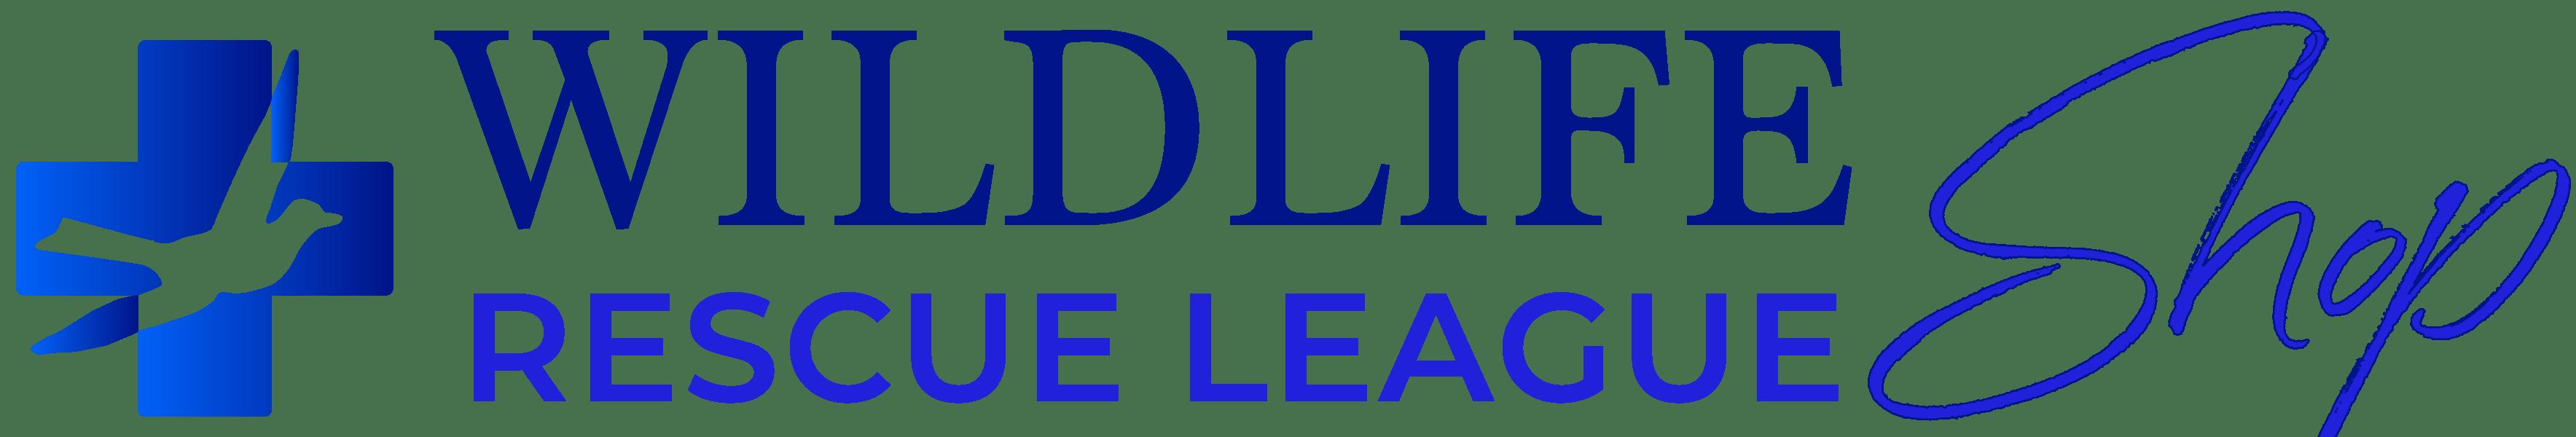 Wildlife Rescue League Shop